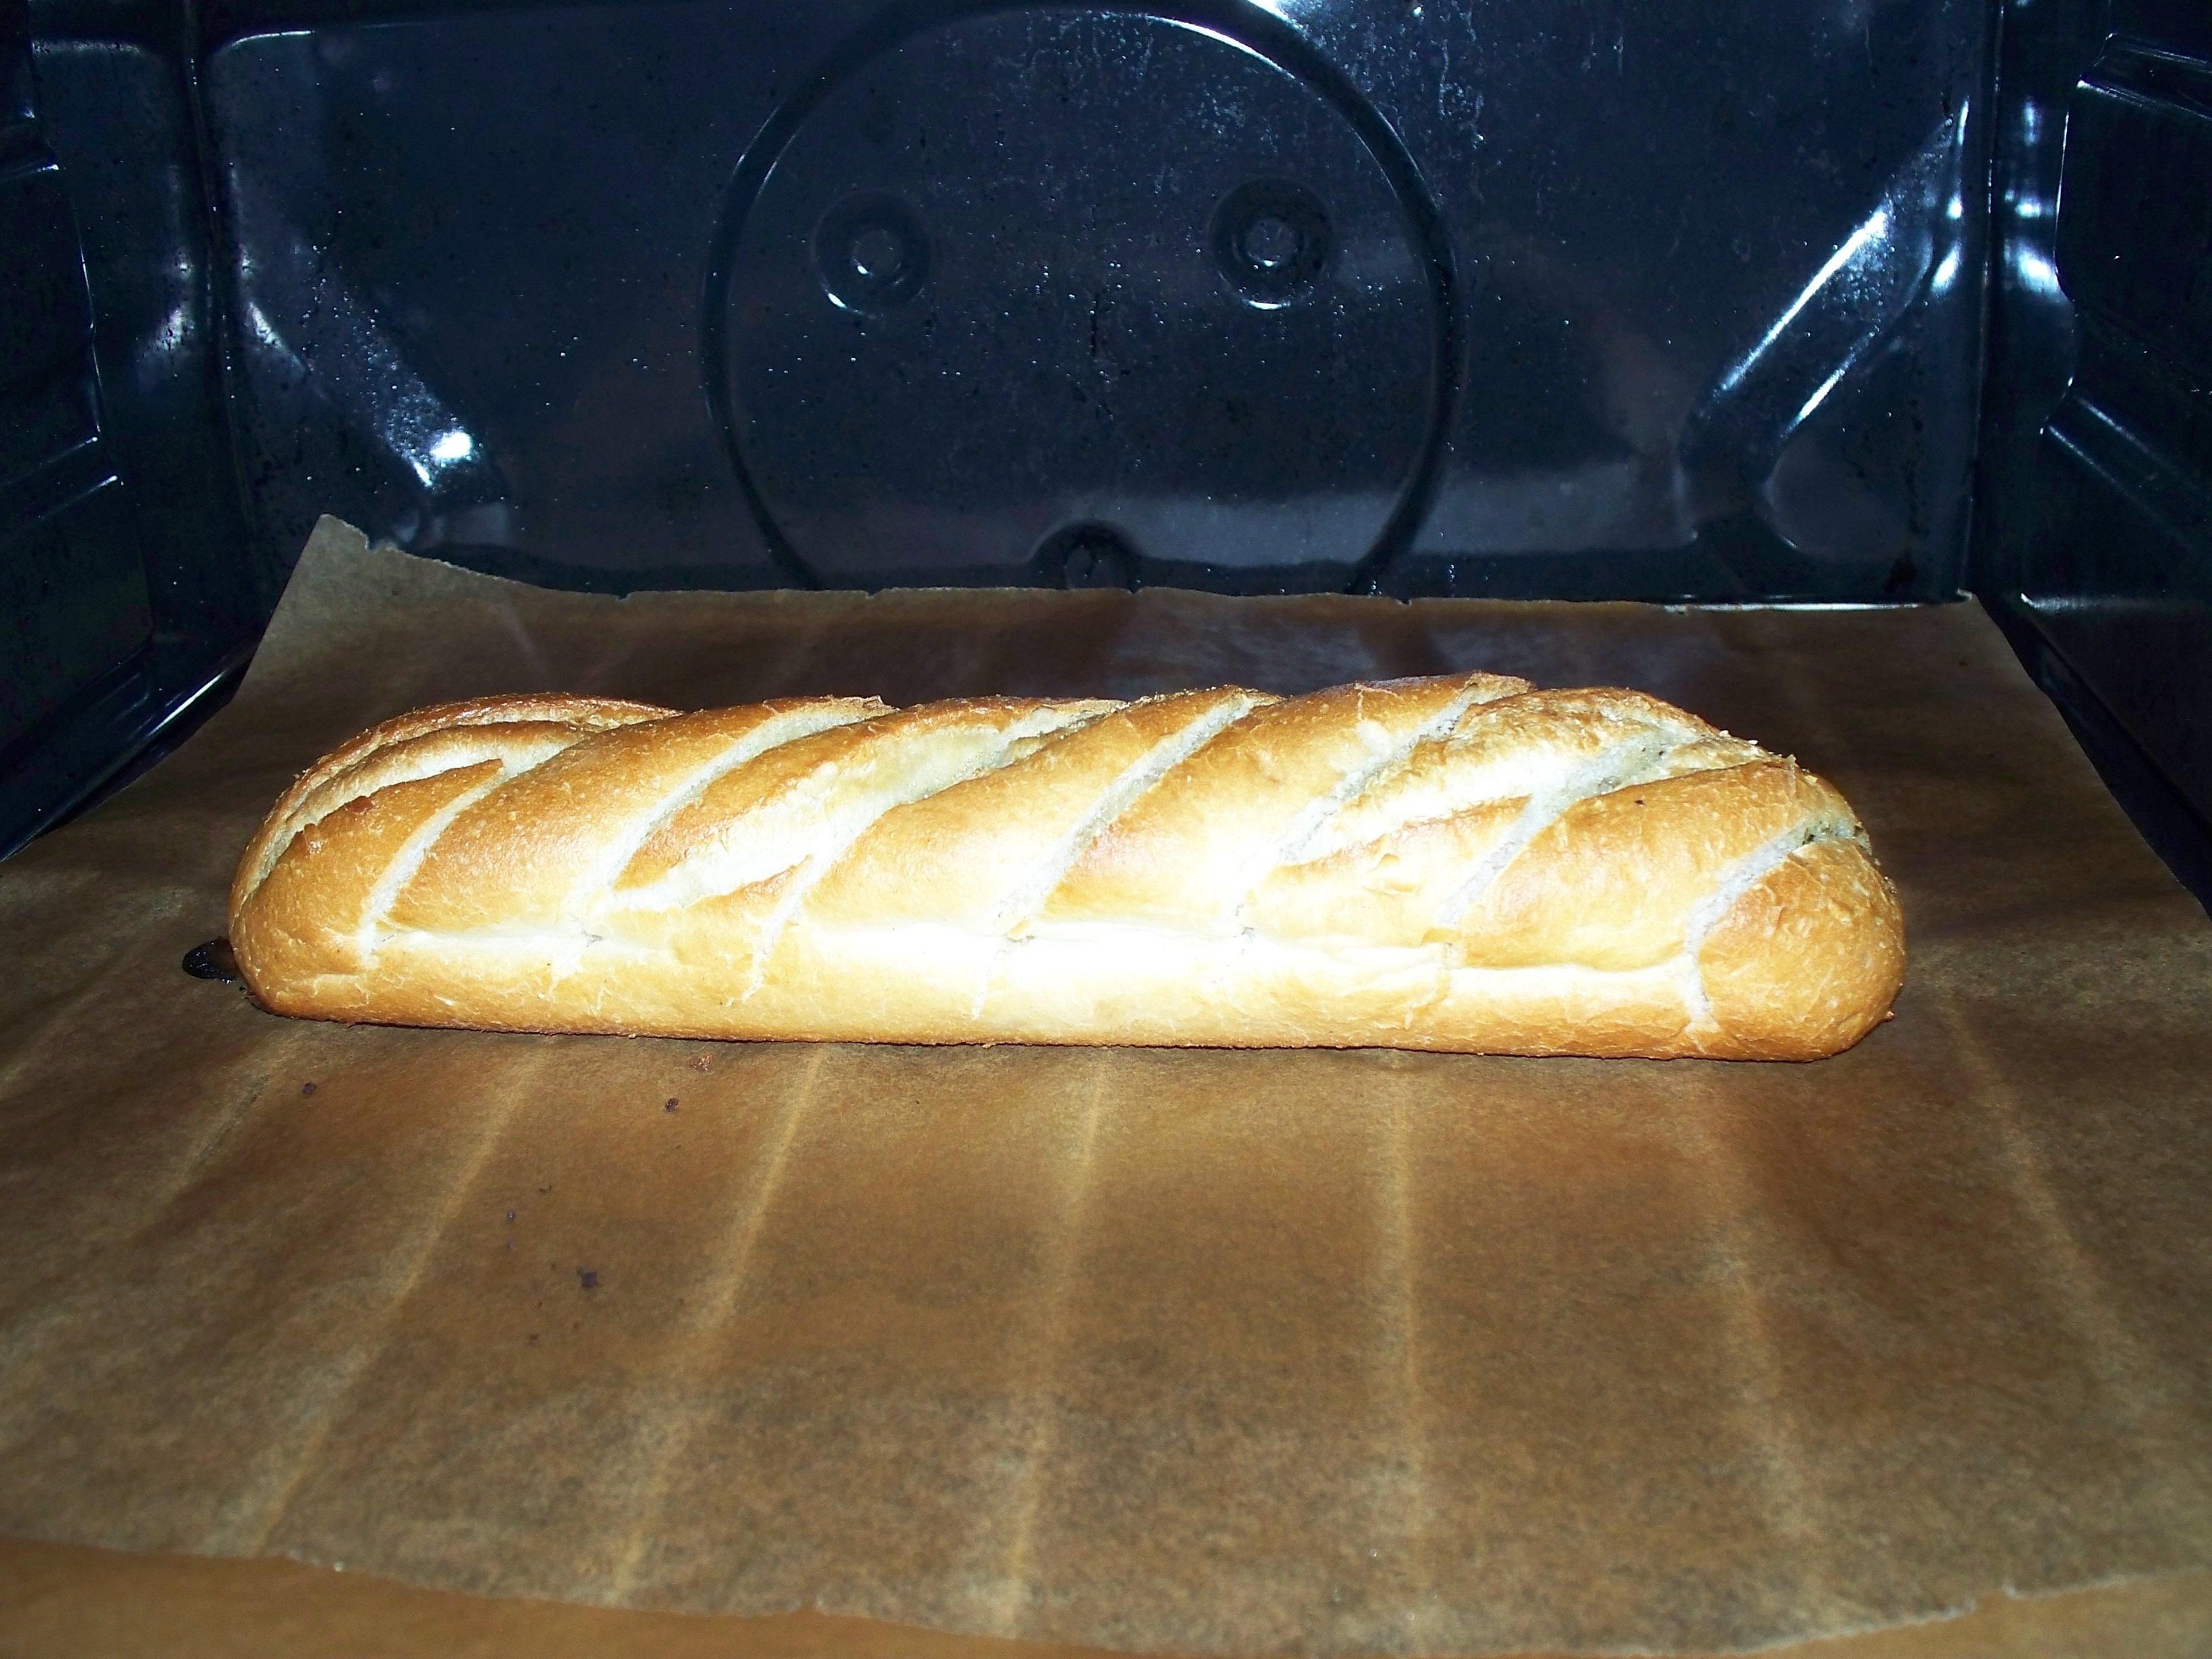 http://foodloader.net/youhardt_2009-12-10_Knoblauchbaguette.jpg